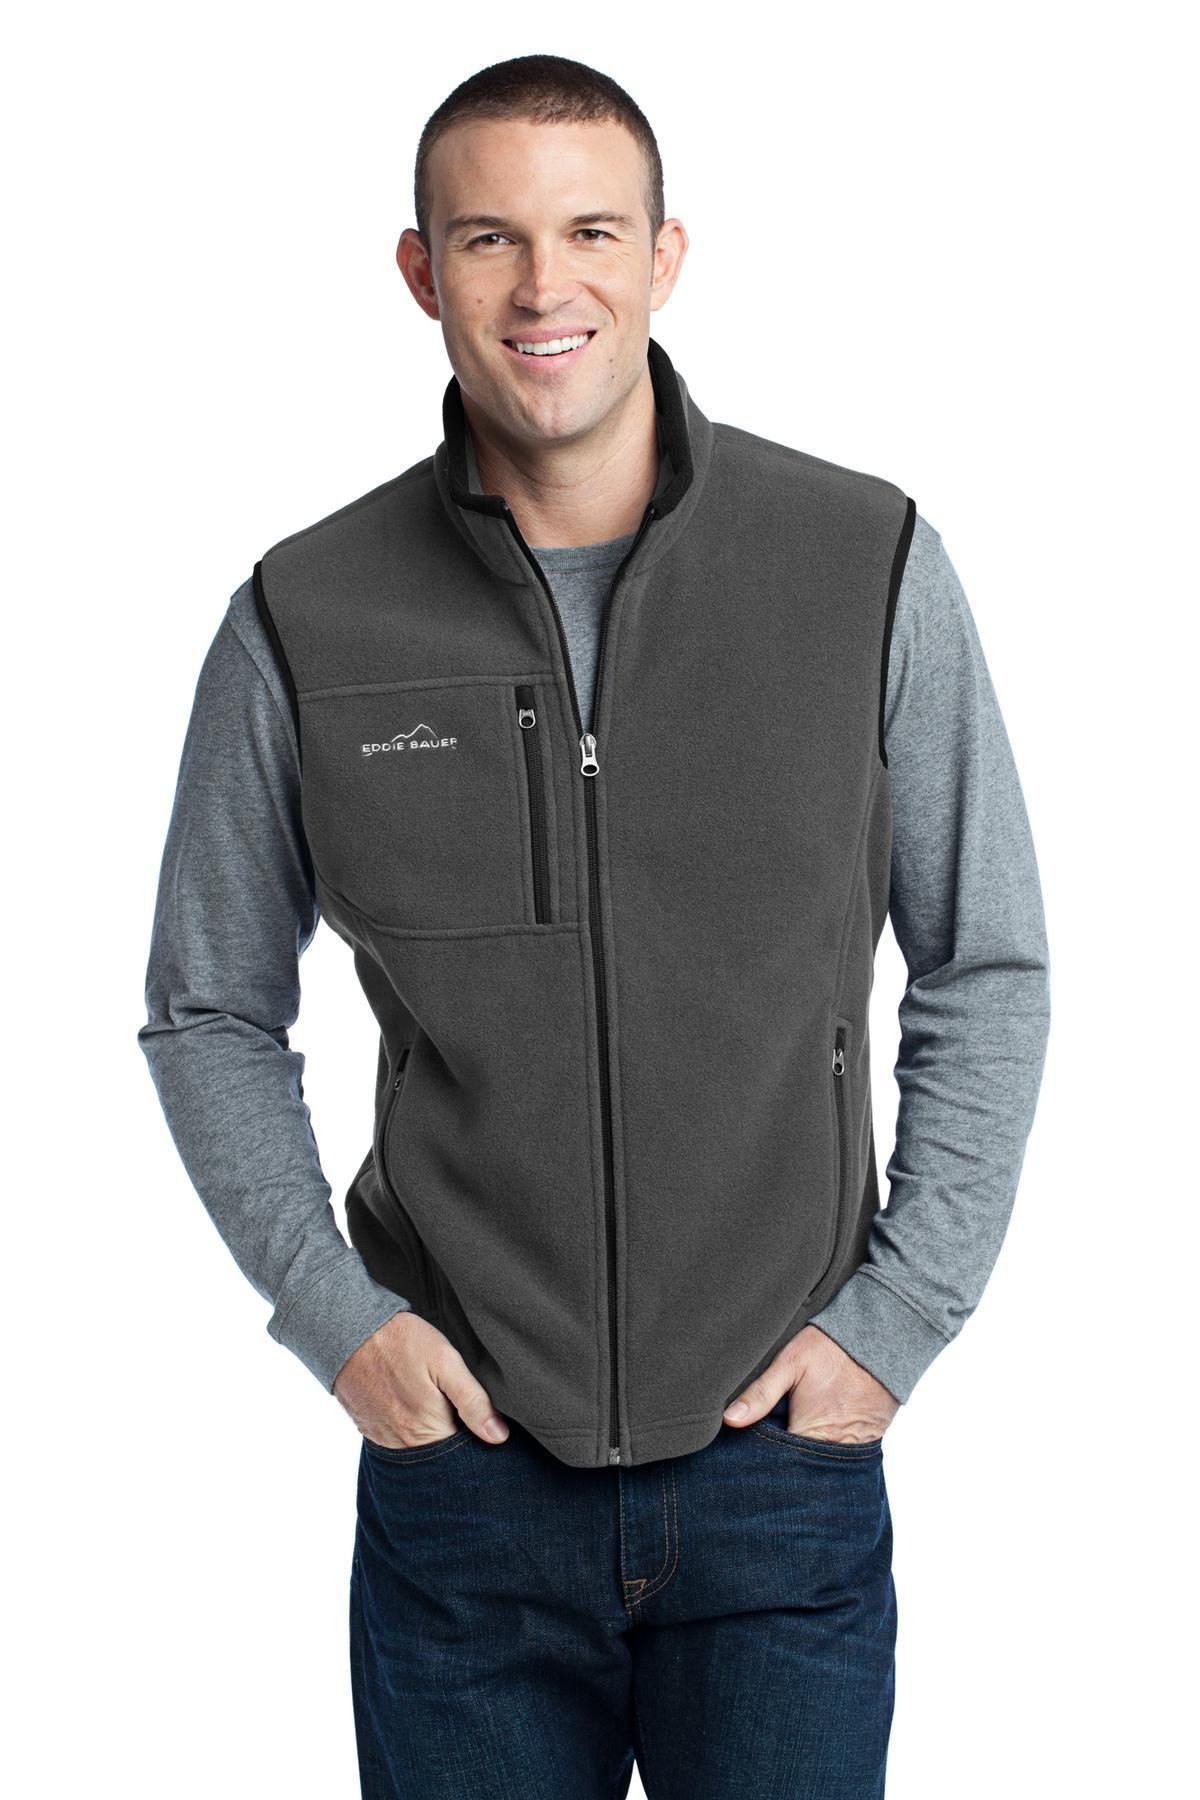 201bdf3f5c42 Eddie Bauer - Fleece Vest EB204 Grey Steel